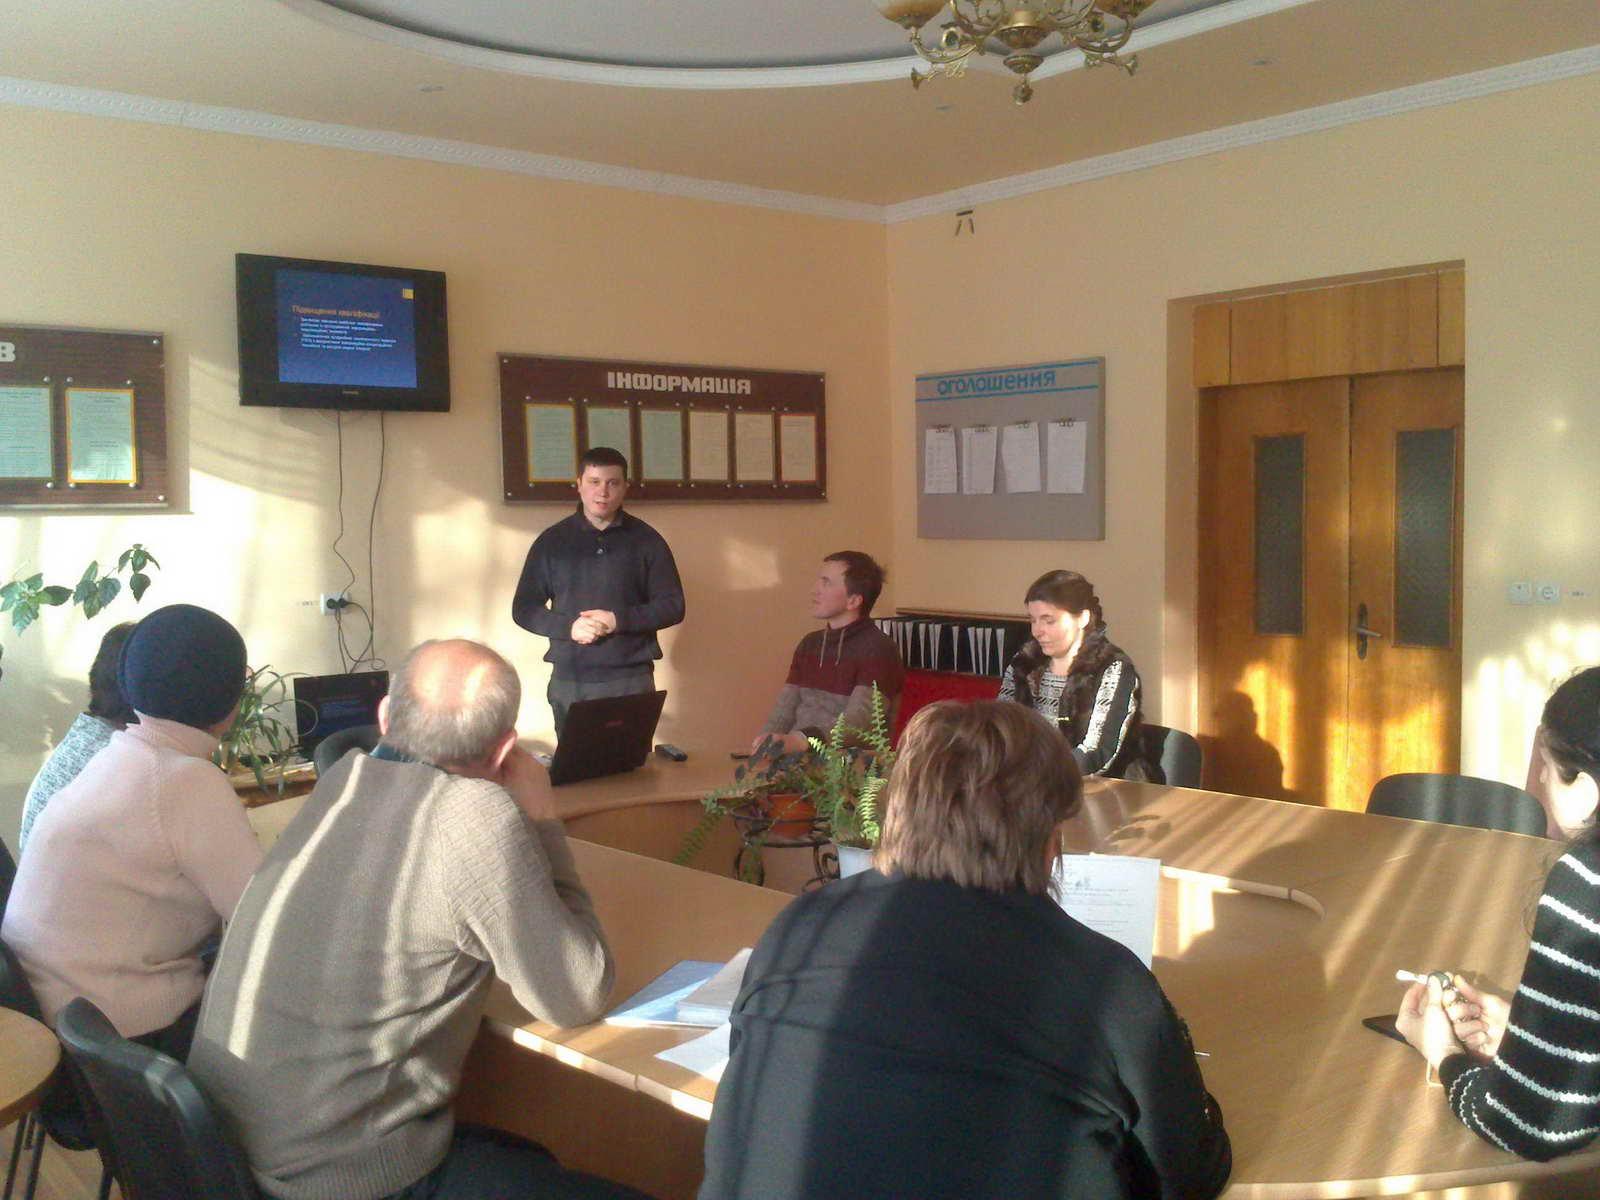 Засідання методичної комісії викладачів природничо-математичних дисциплін